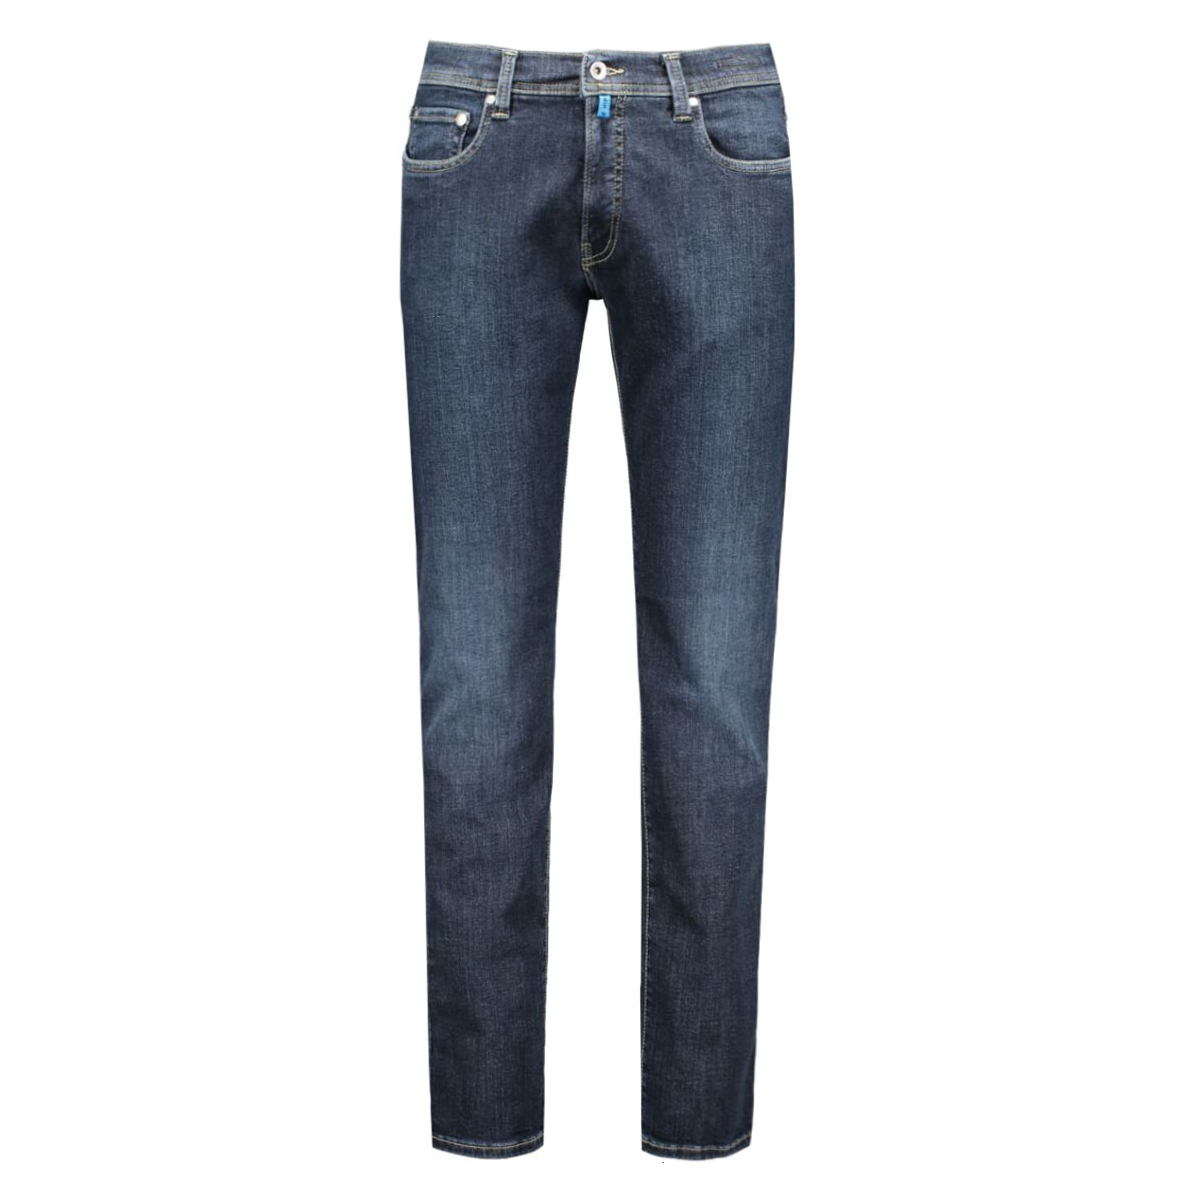 future flex 3451 pierre cardin jeans 8880.69